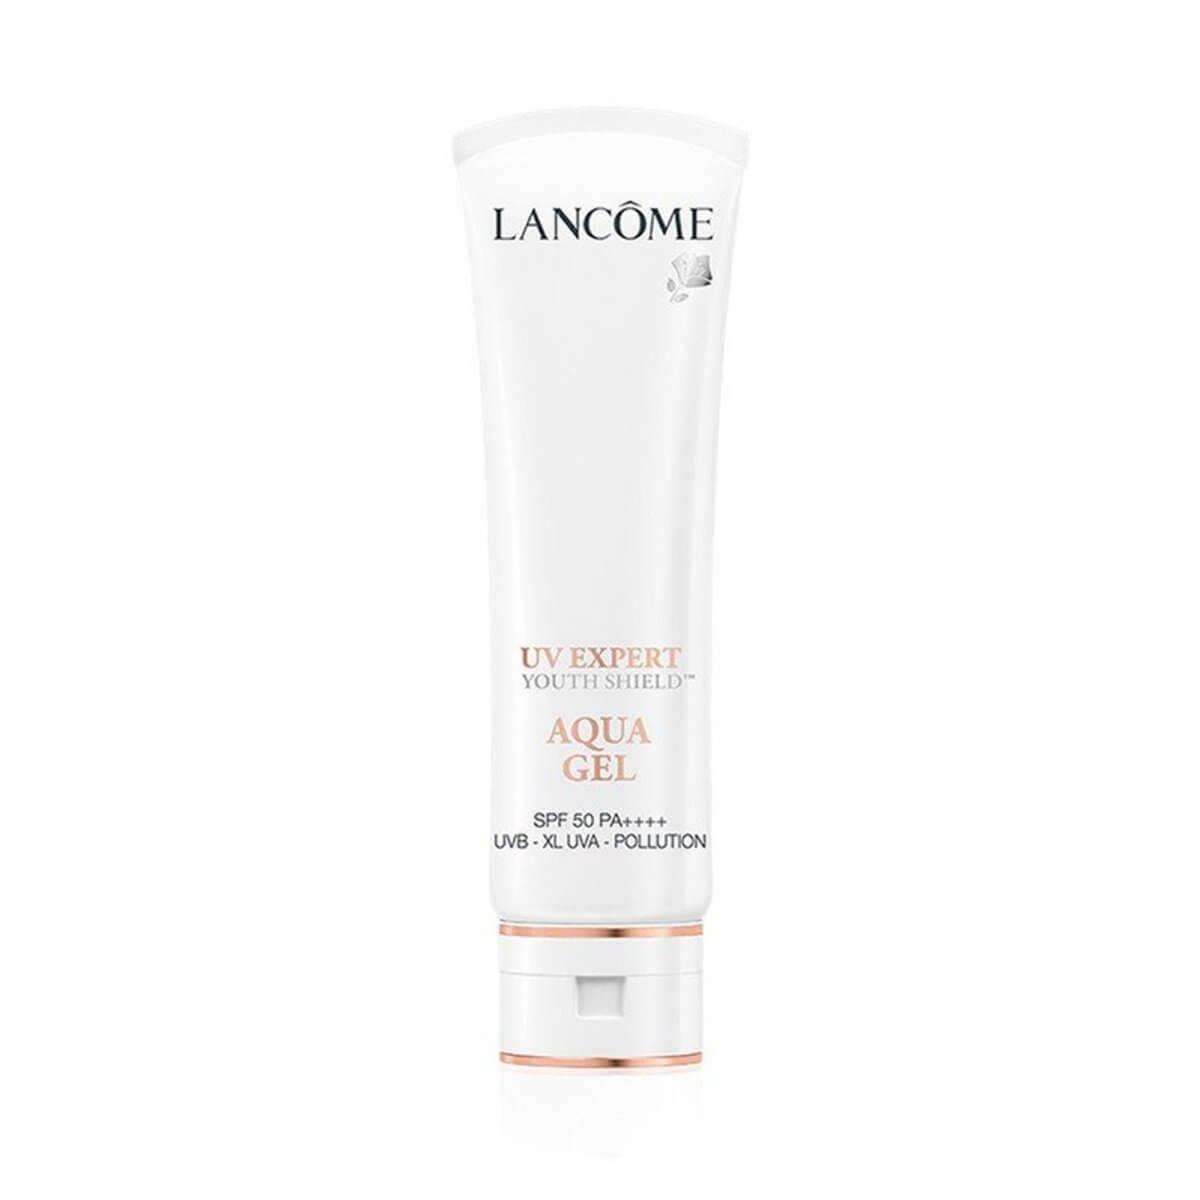 Lancôme全方位防禦抗曬清爽乳霜SPF50 PA++++ $410/30ml